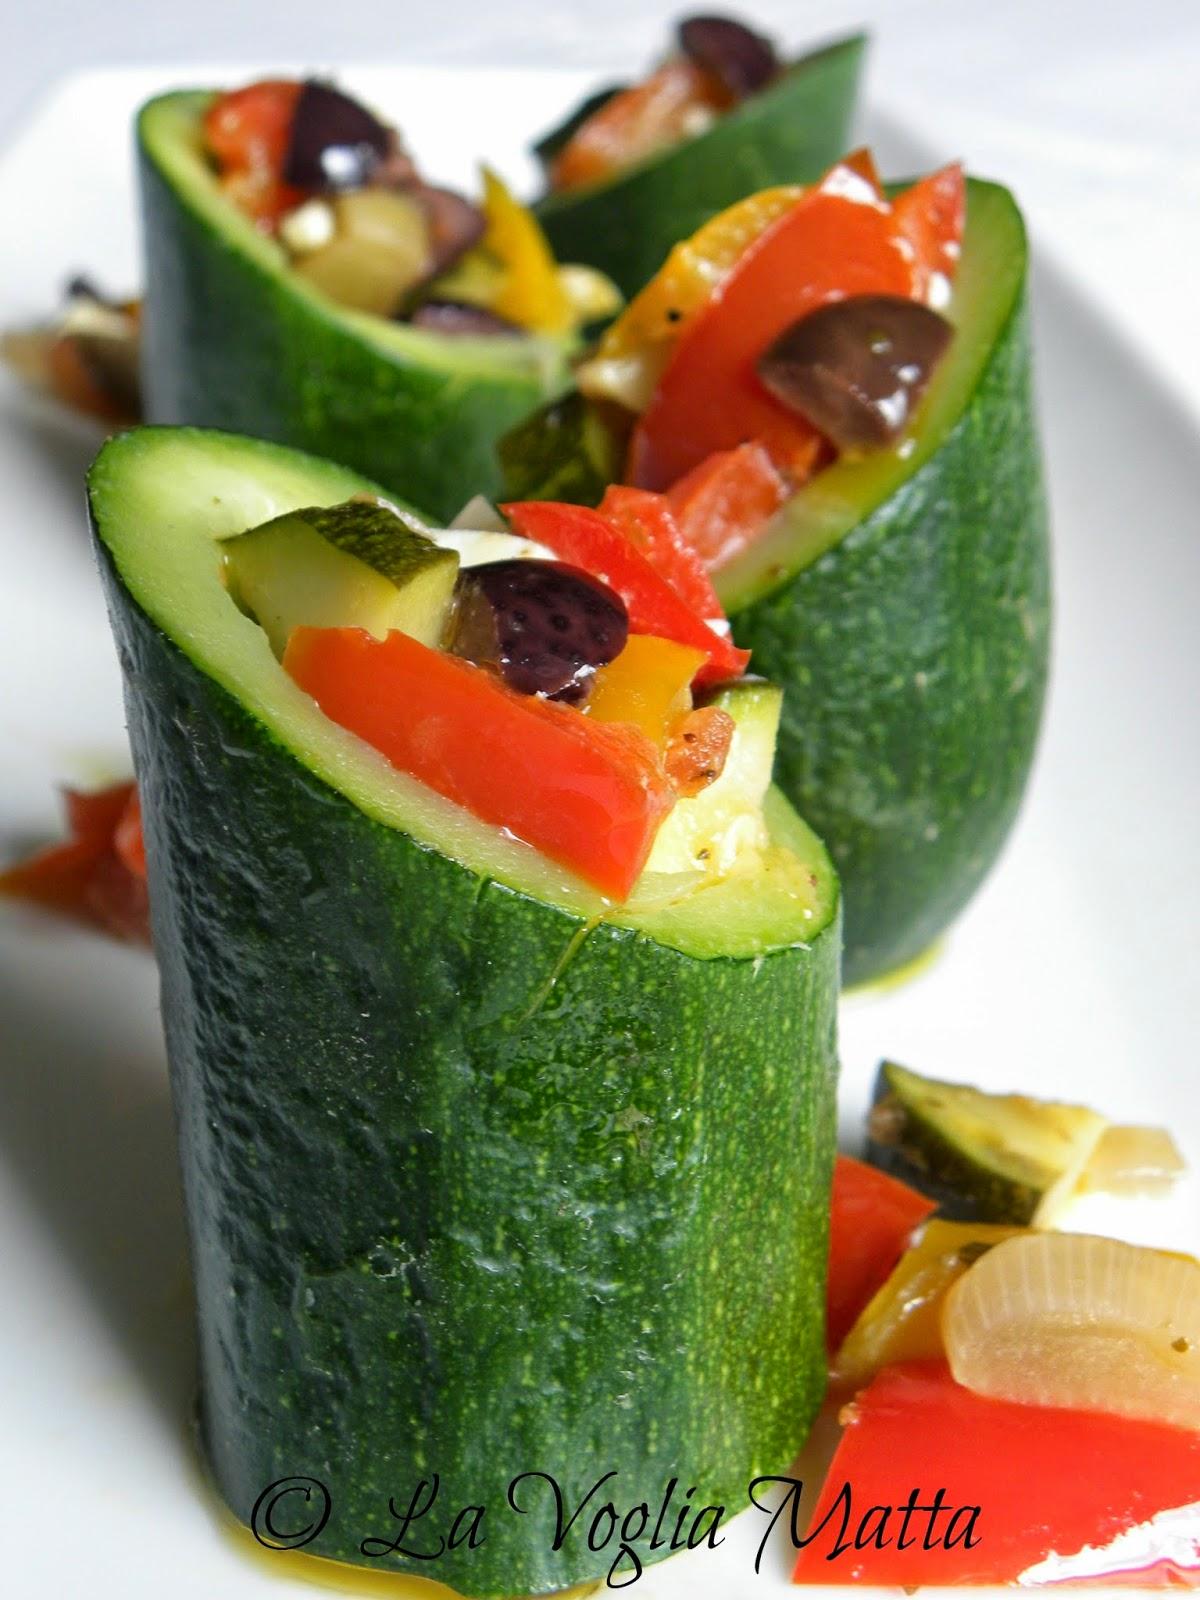 tronchetti di zucchine ripieni di verdure , feta e olive nere